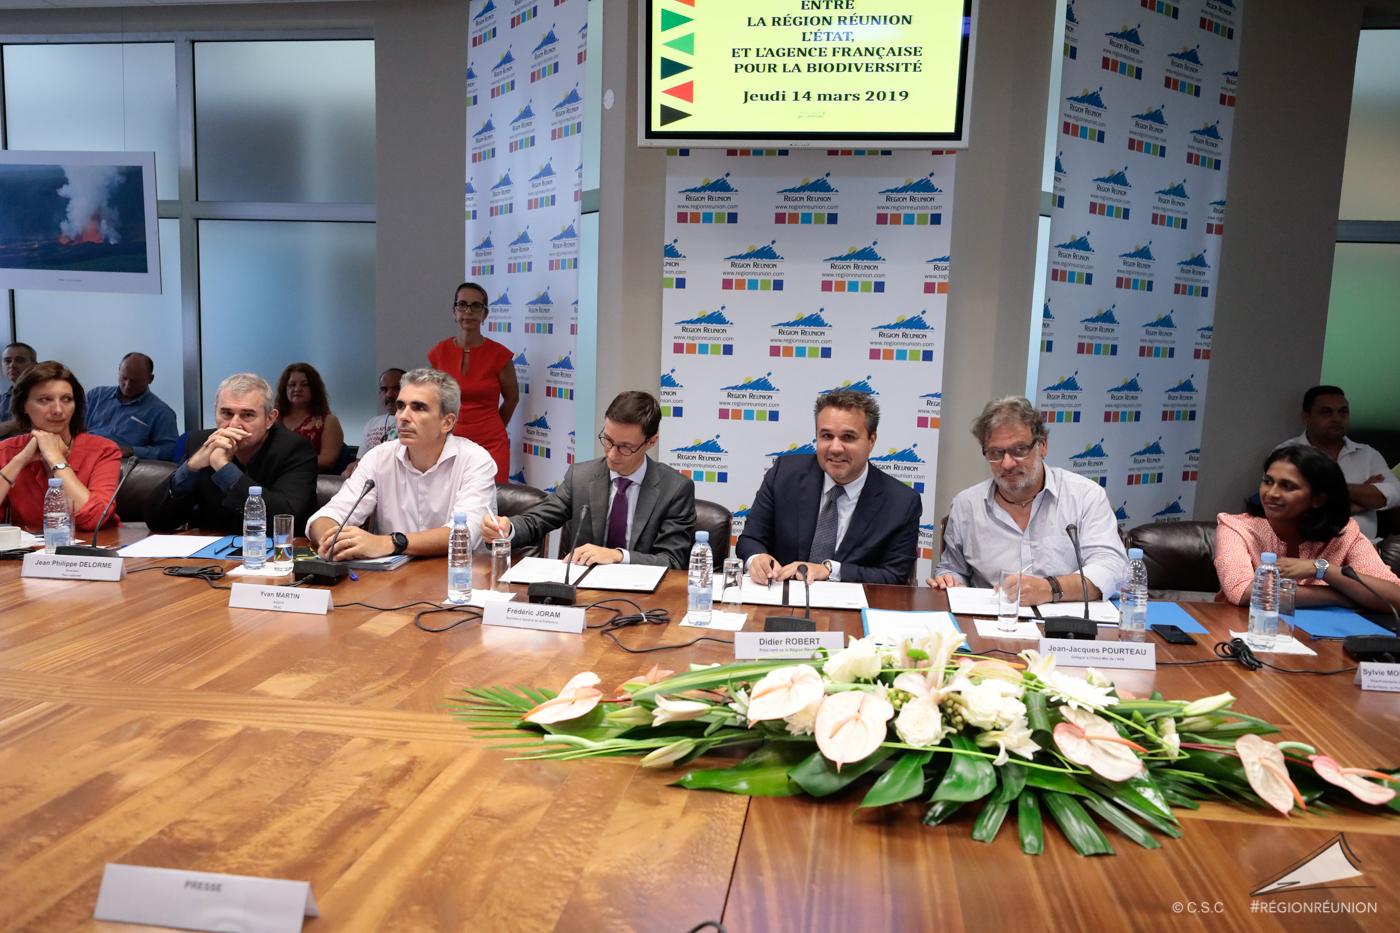 Signature d'une convention entre la Région, l'Etat et l'Agence Française de Biodiversité